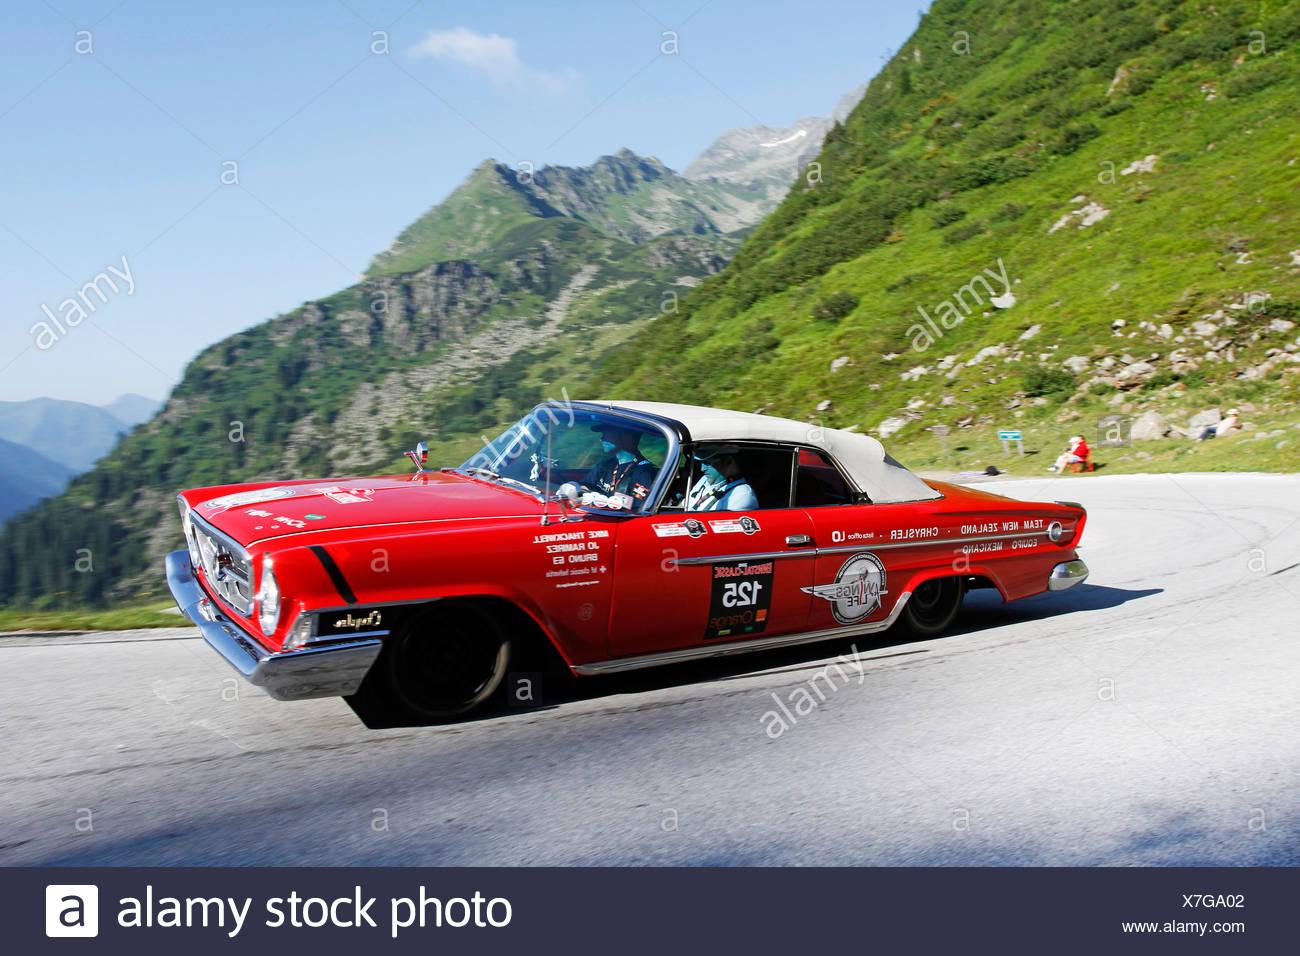 Chrysler 300 Built In 1962 Soelkpass Ennstal Classic 2010 Vintage